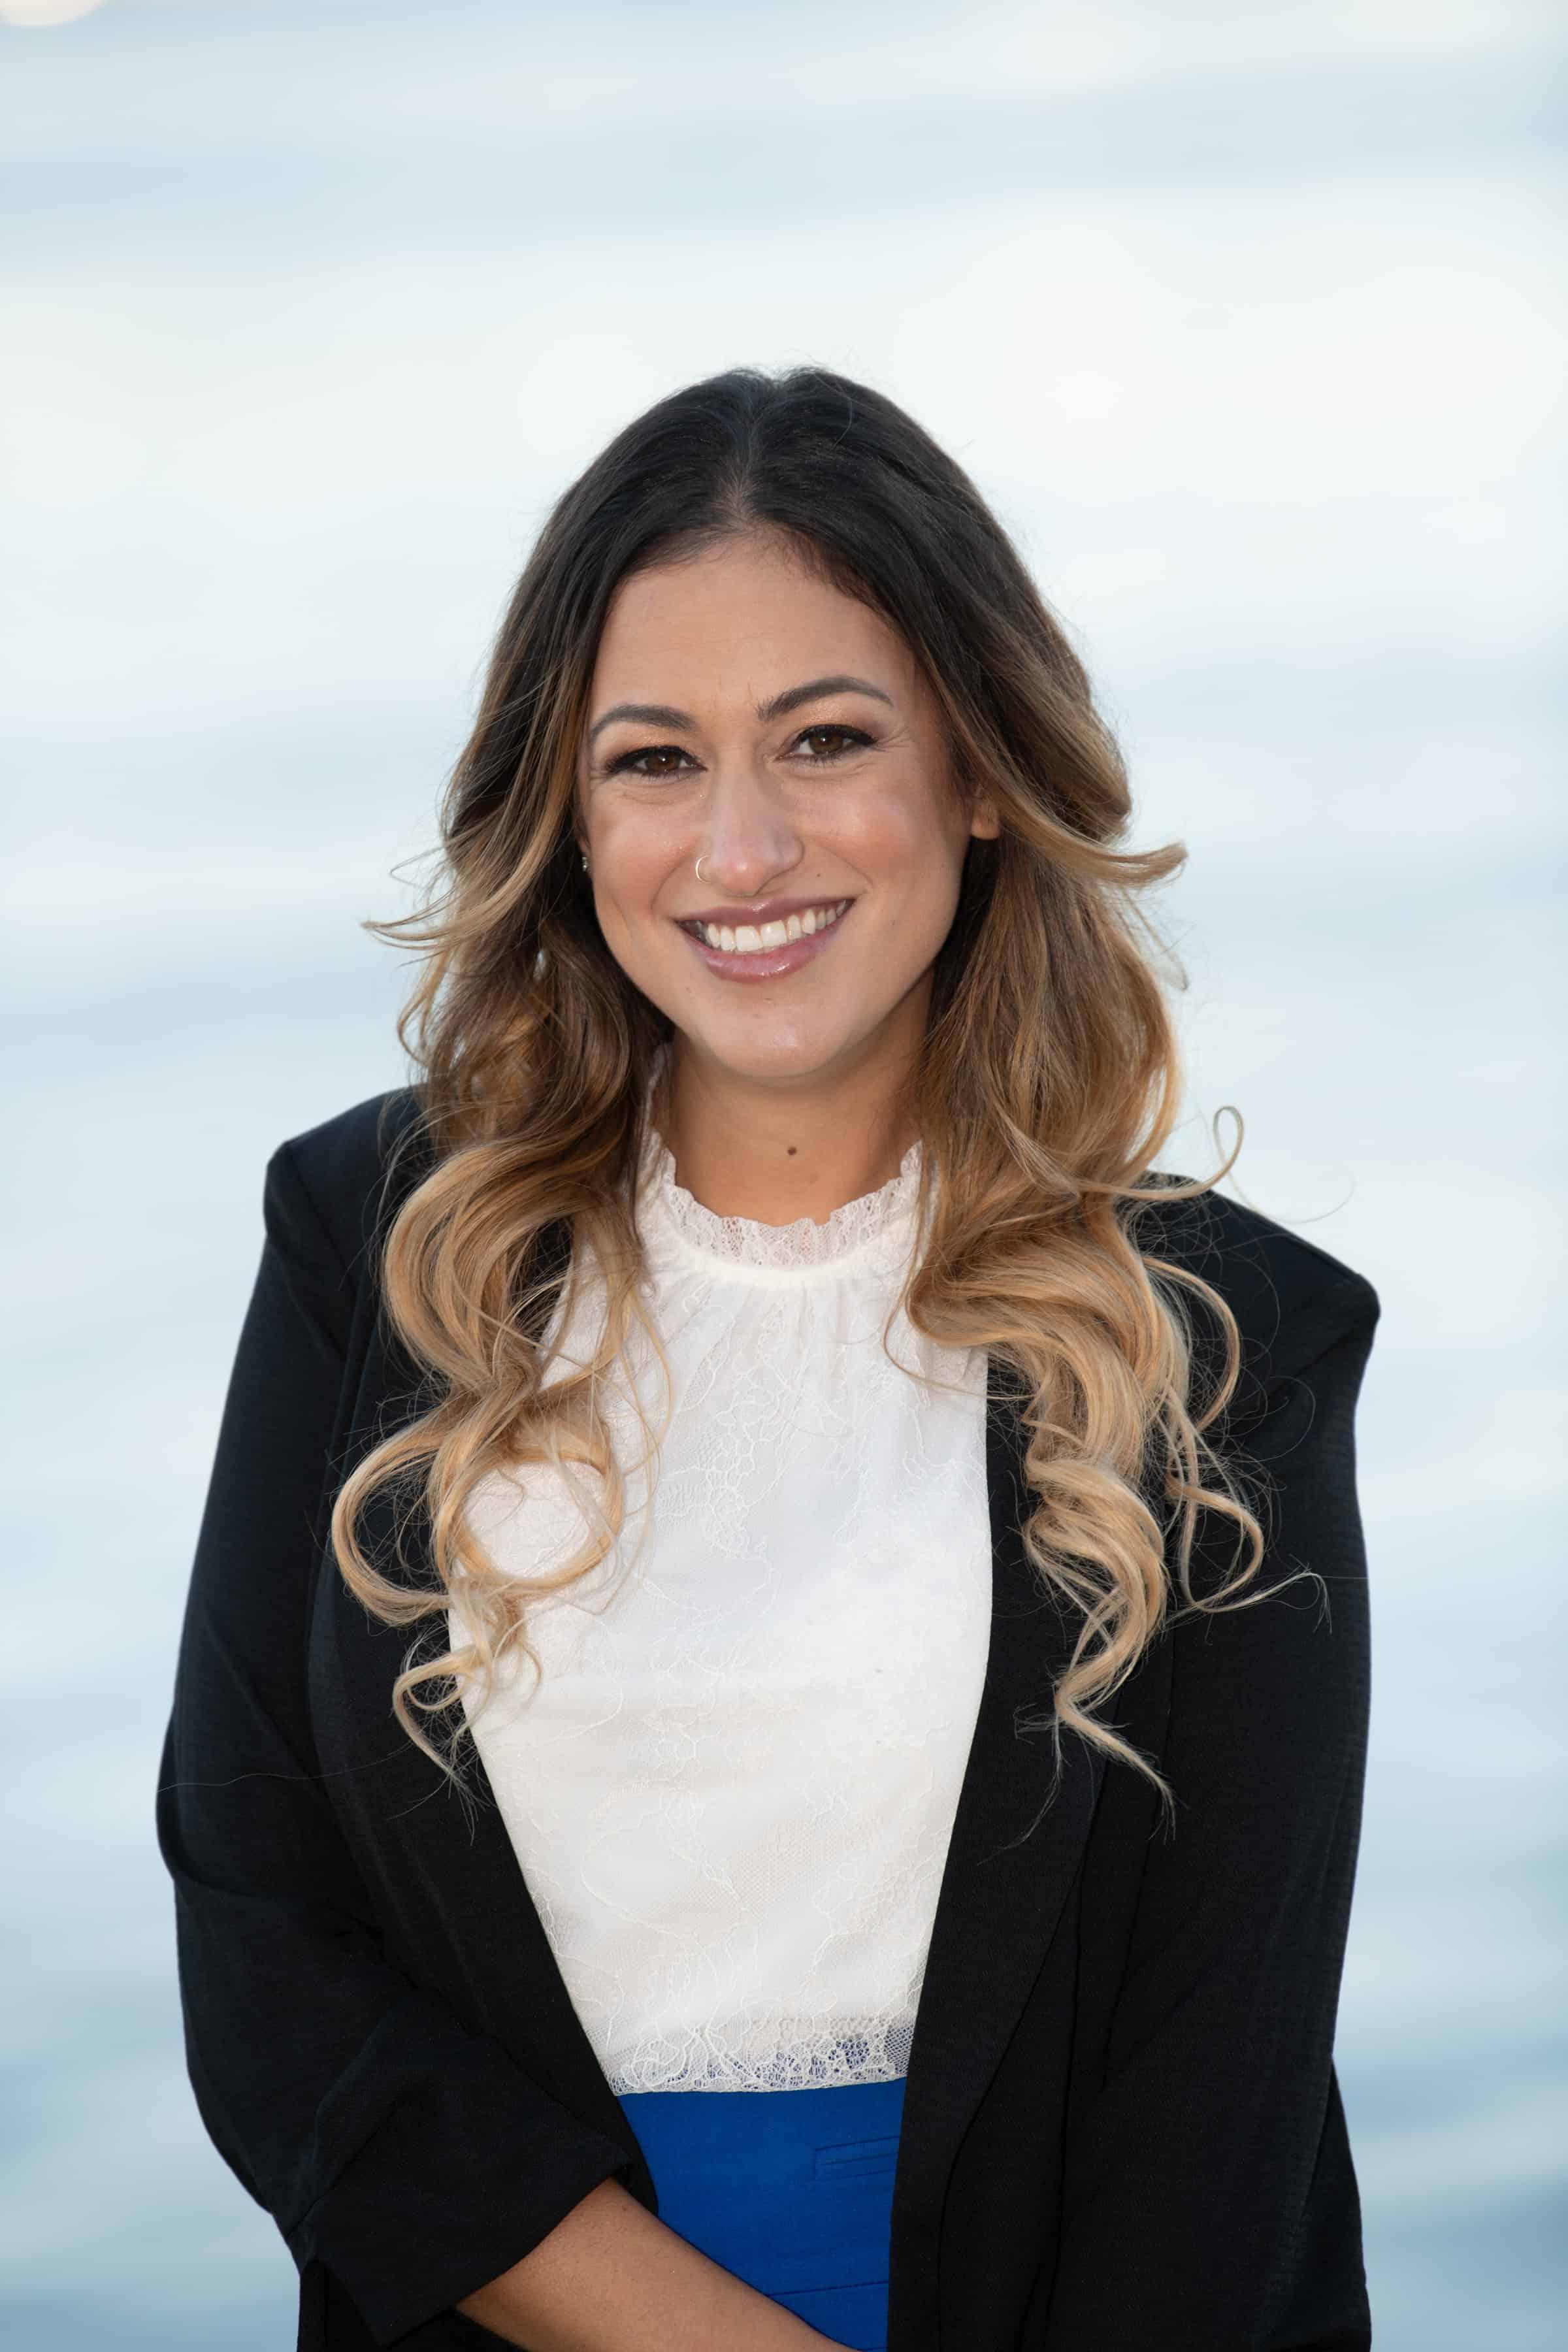 Christina Parris